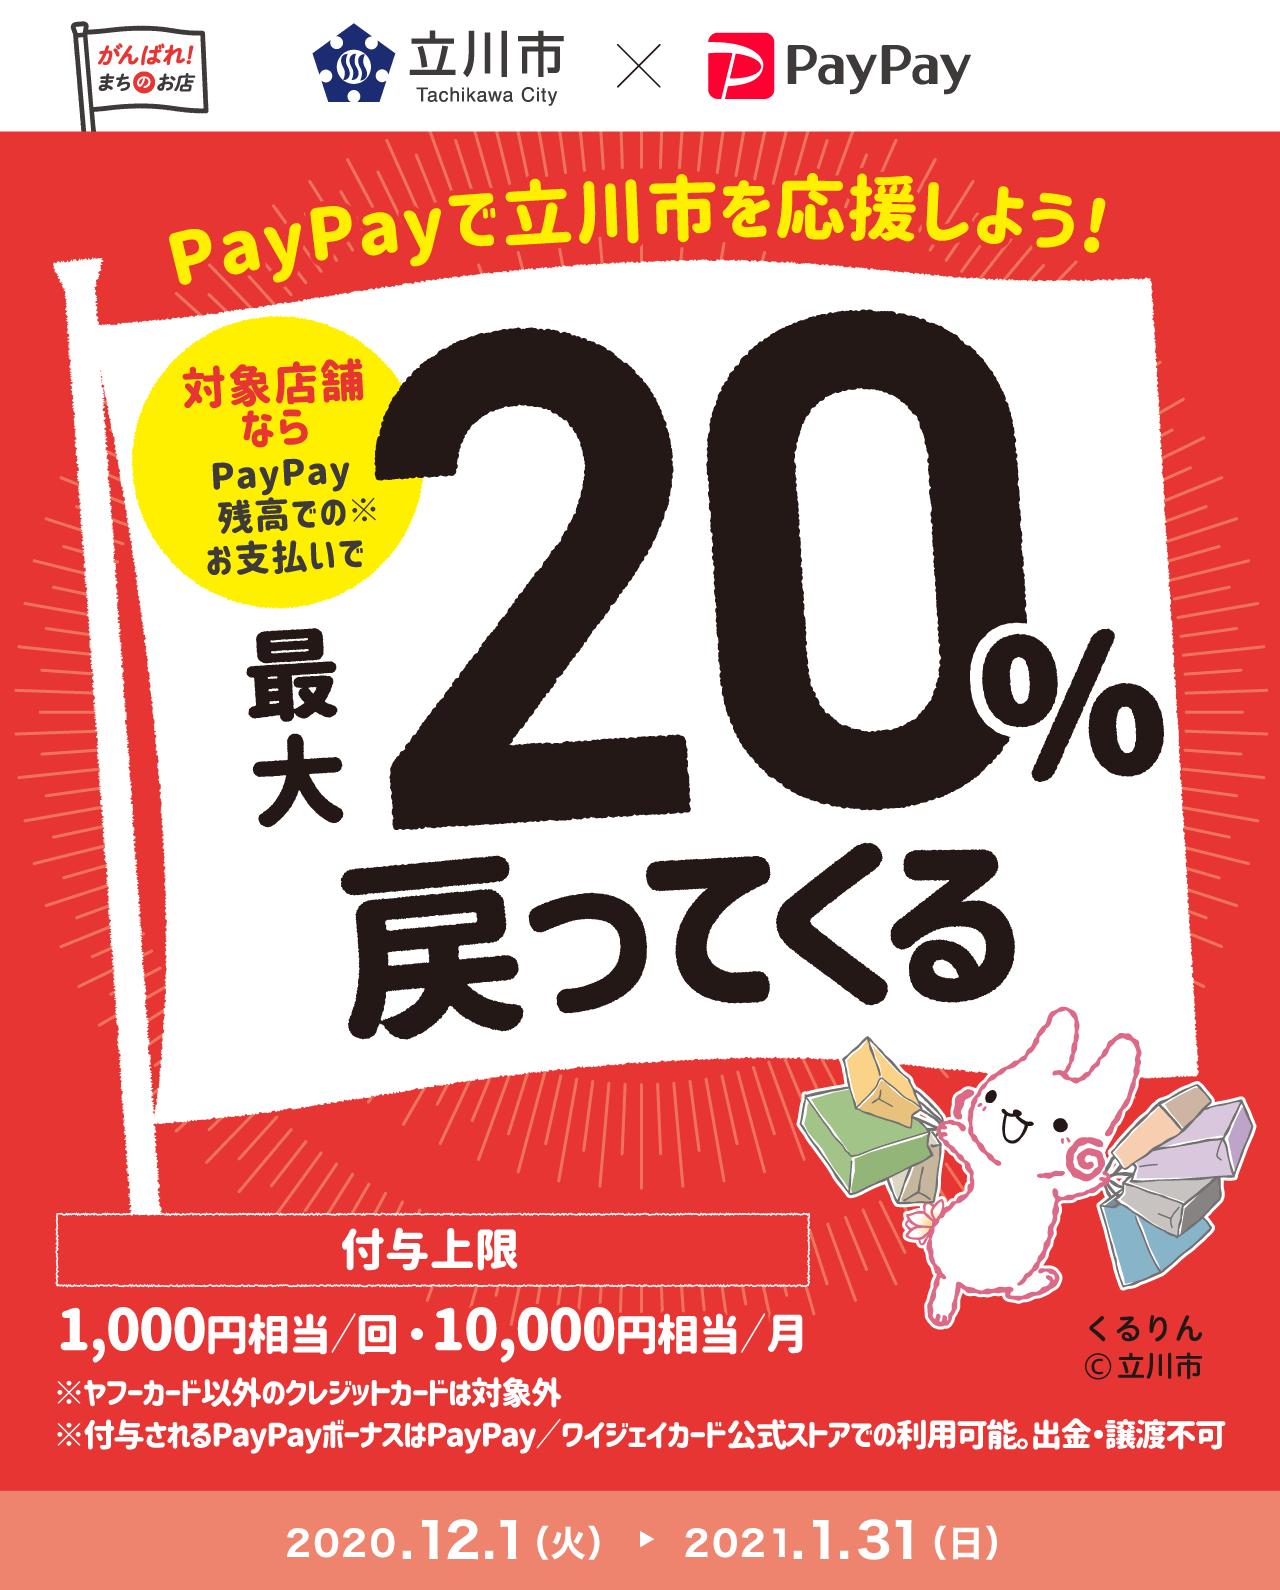 PayPayで立川市を応援しよう! 対象店舗ならPayPay残高でのお支払いで 最大20%戻ってくる